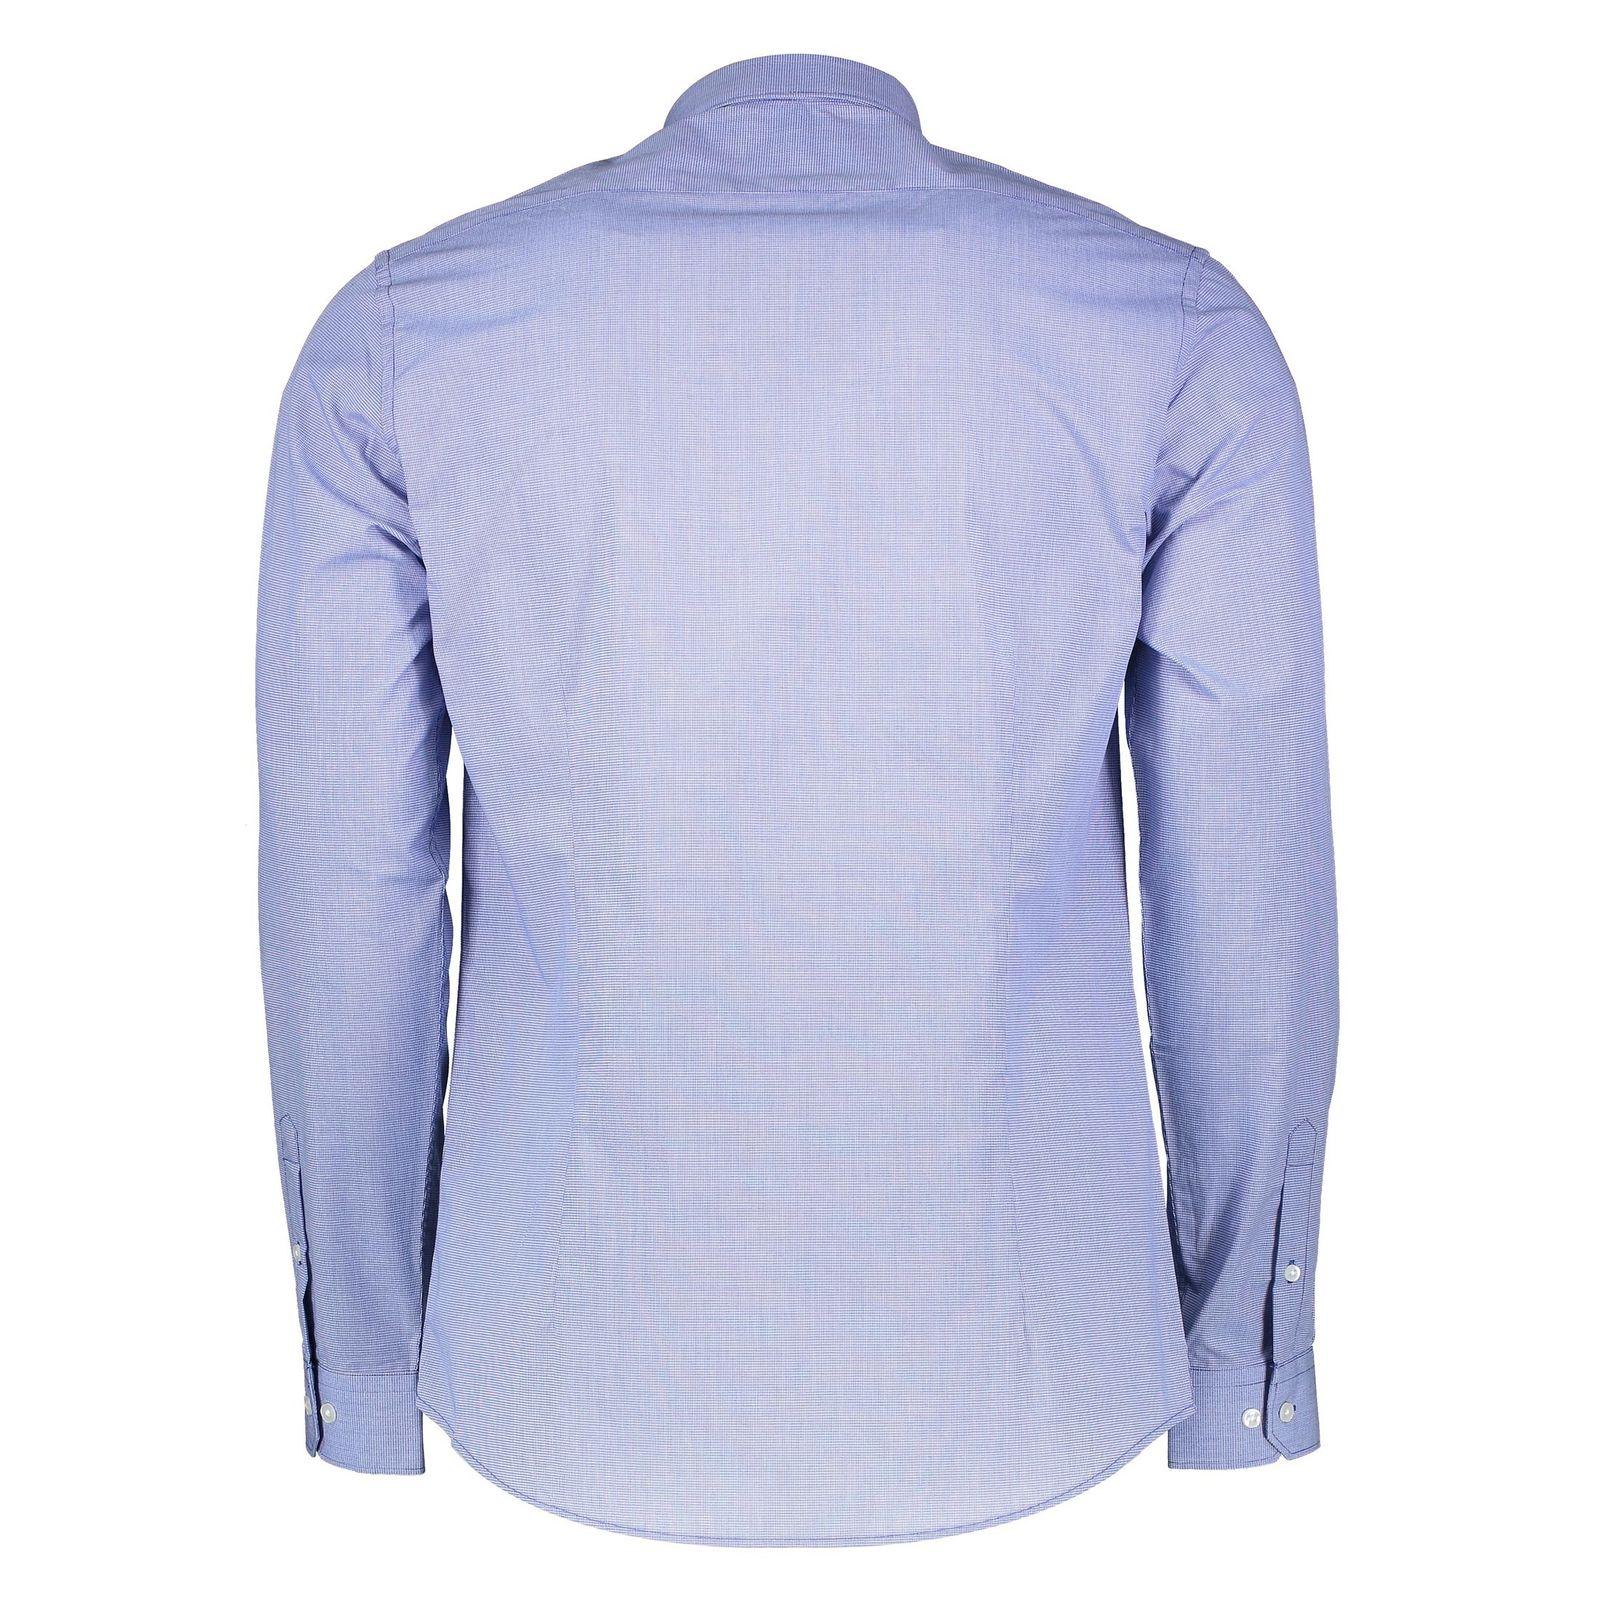 پیراهن آستین بلند مردانه - رد هرینگ - آبي - 2